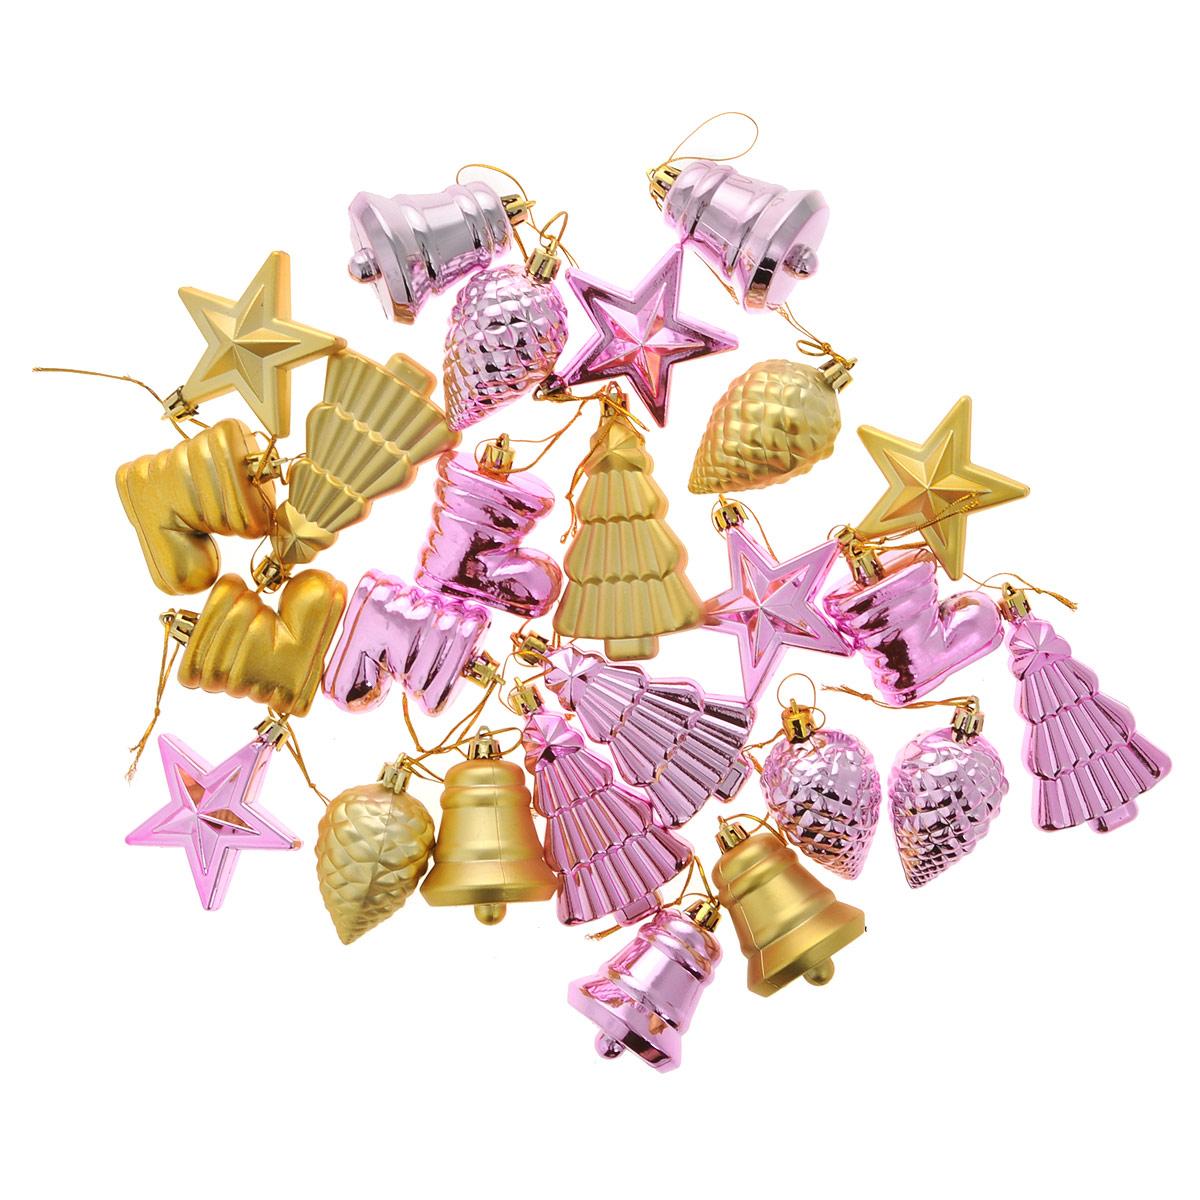 Набор новогодних украшений House & Holder, цвет: розовый, золотистый, 25 штNLED-454-9W-BKНабор House & Holder состоит из 25 новогодних подвесных украшений. Изделия выполнены из пластика в виде звездочек, шишек, елочек, колокольчиков, башмачков. Игрушки оснащены специальными петельками, с помощью которых подвешиваются на елку. Набор House & Holder поможет красиво оформить новогоднюю елку и создаст атмосферу праздника в вашем доме.